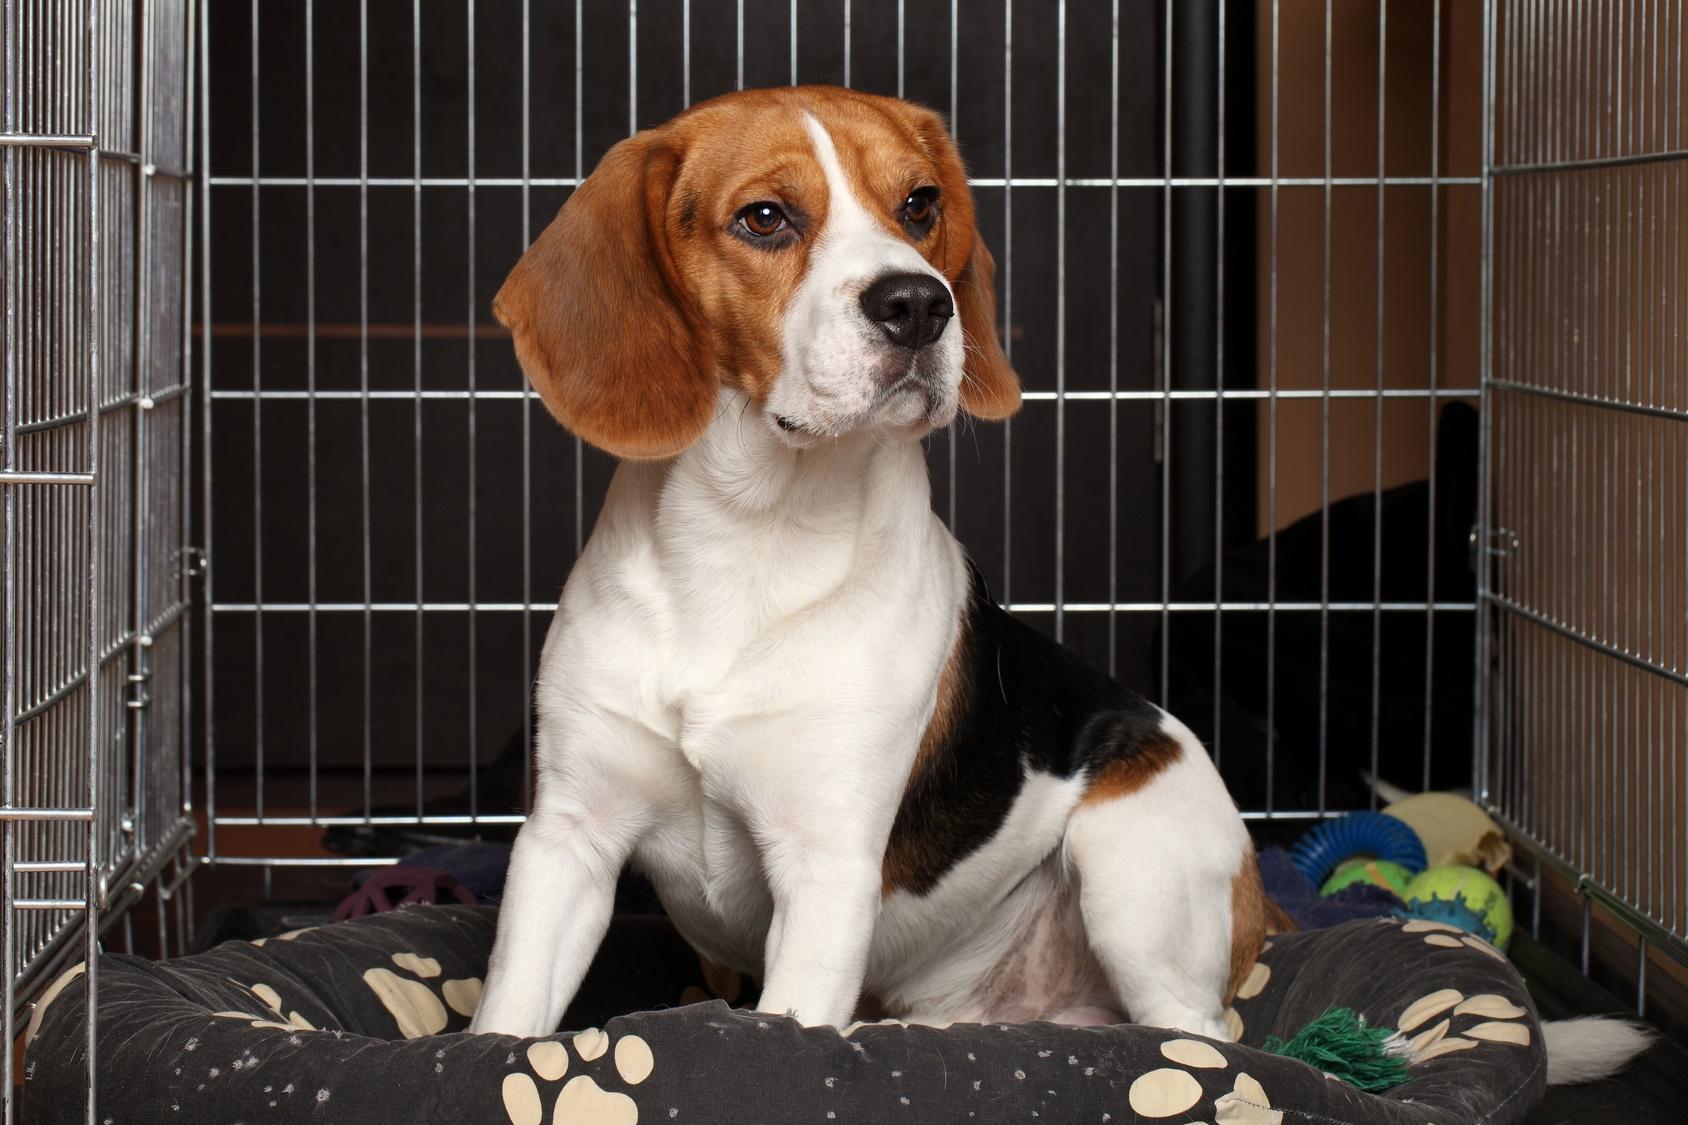 dog in a crate.jpg